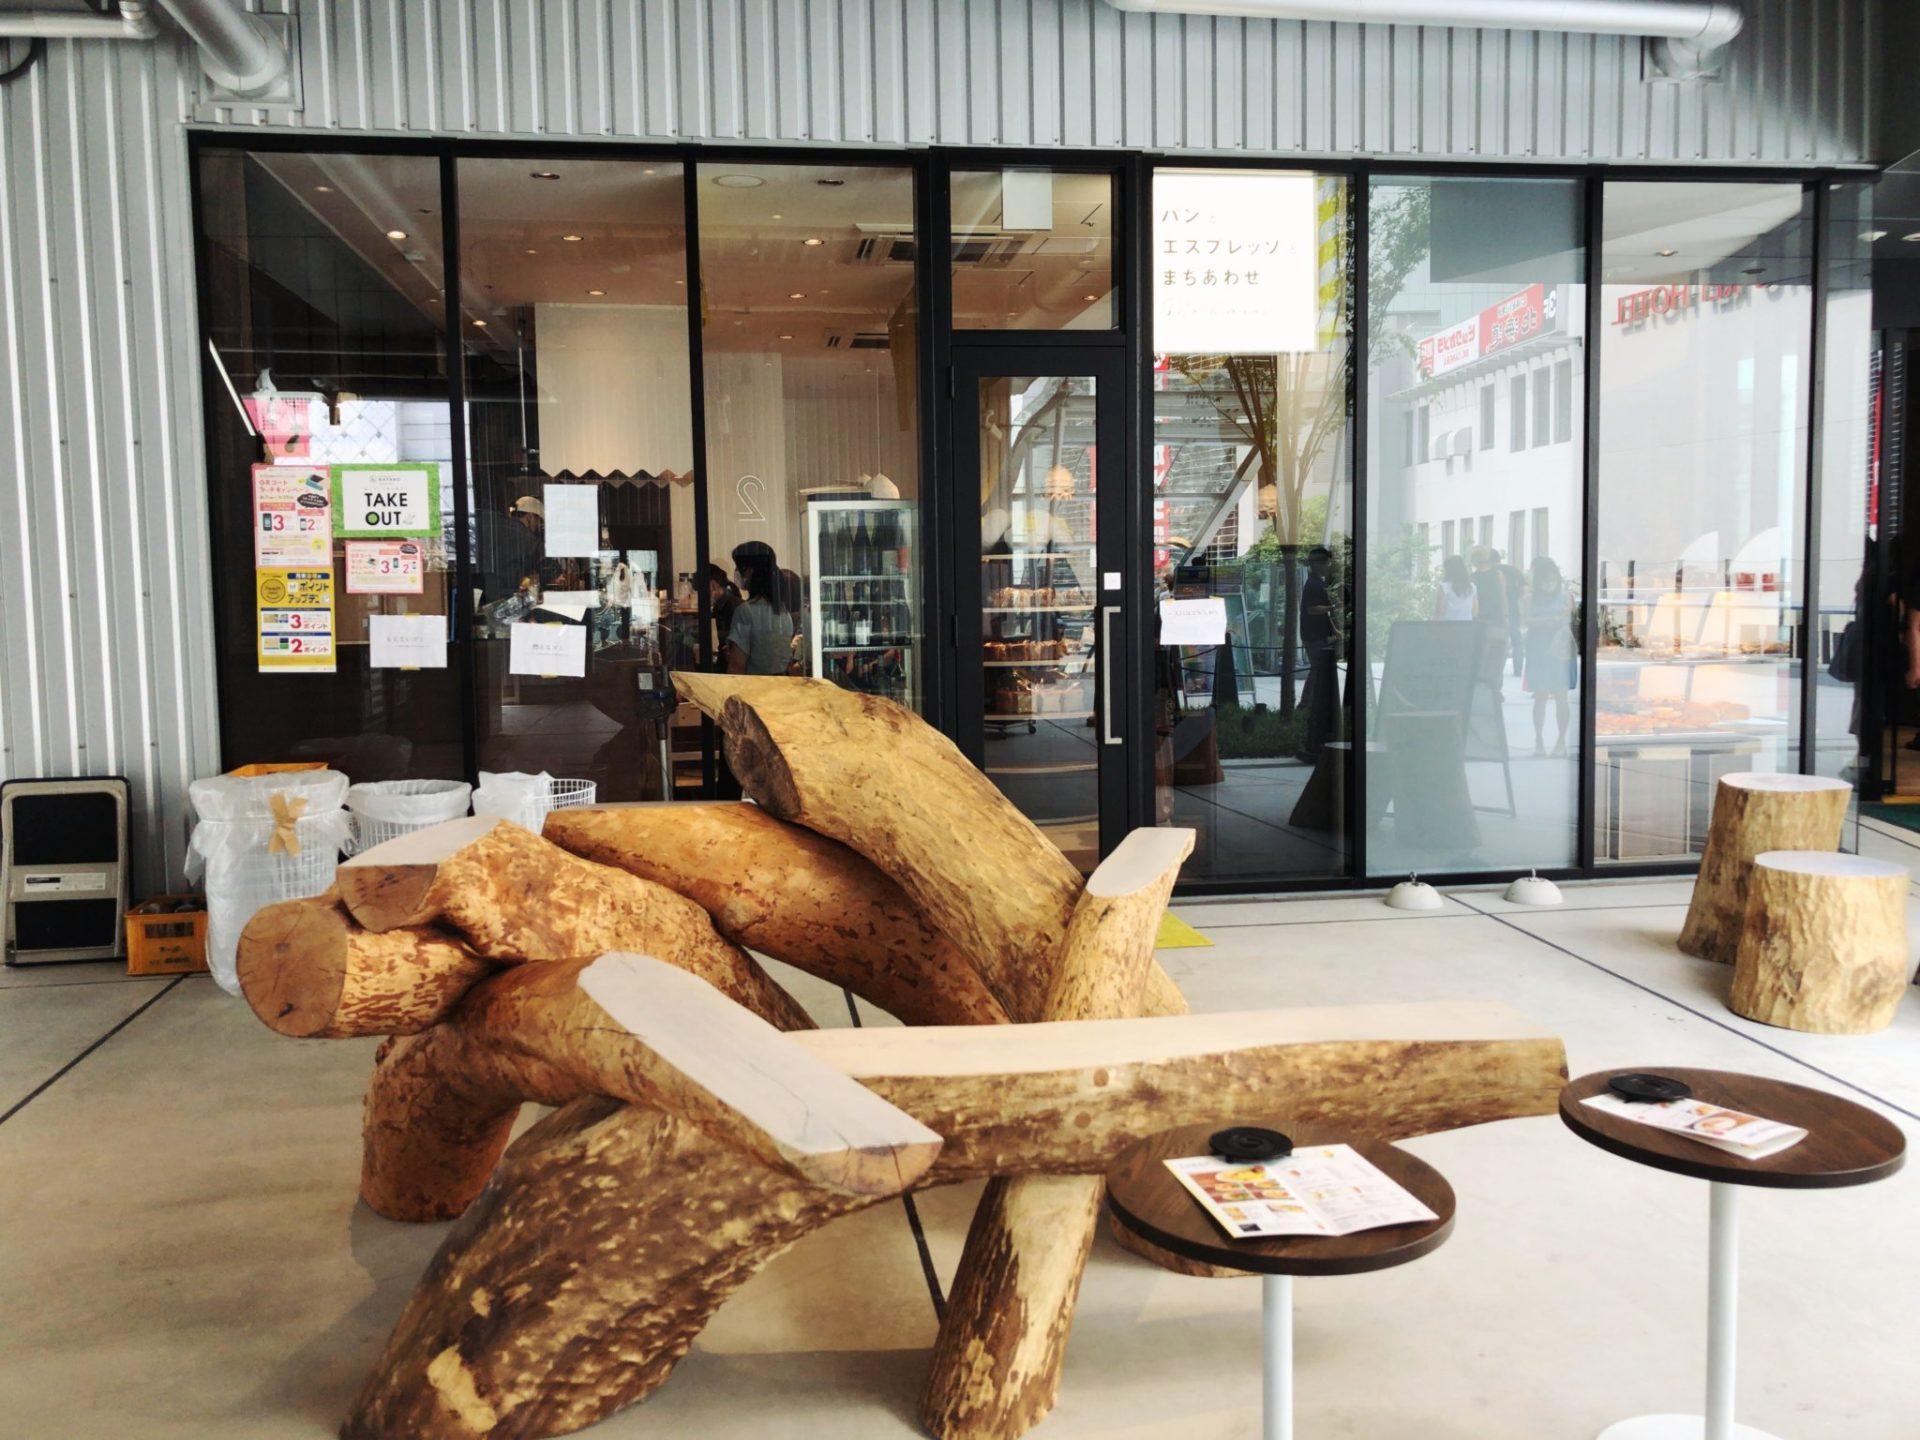 パンとエスプレッソとまちあわせの外にある木のベンチ